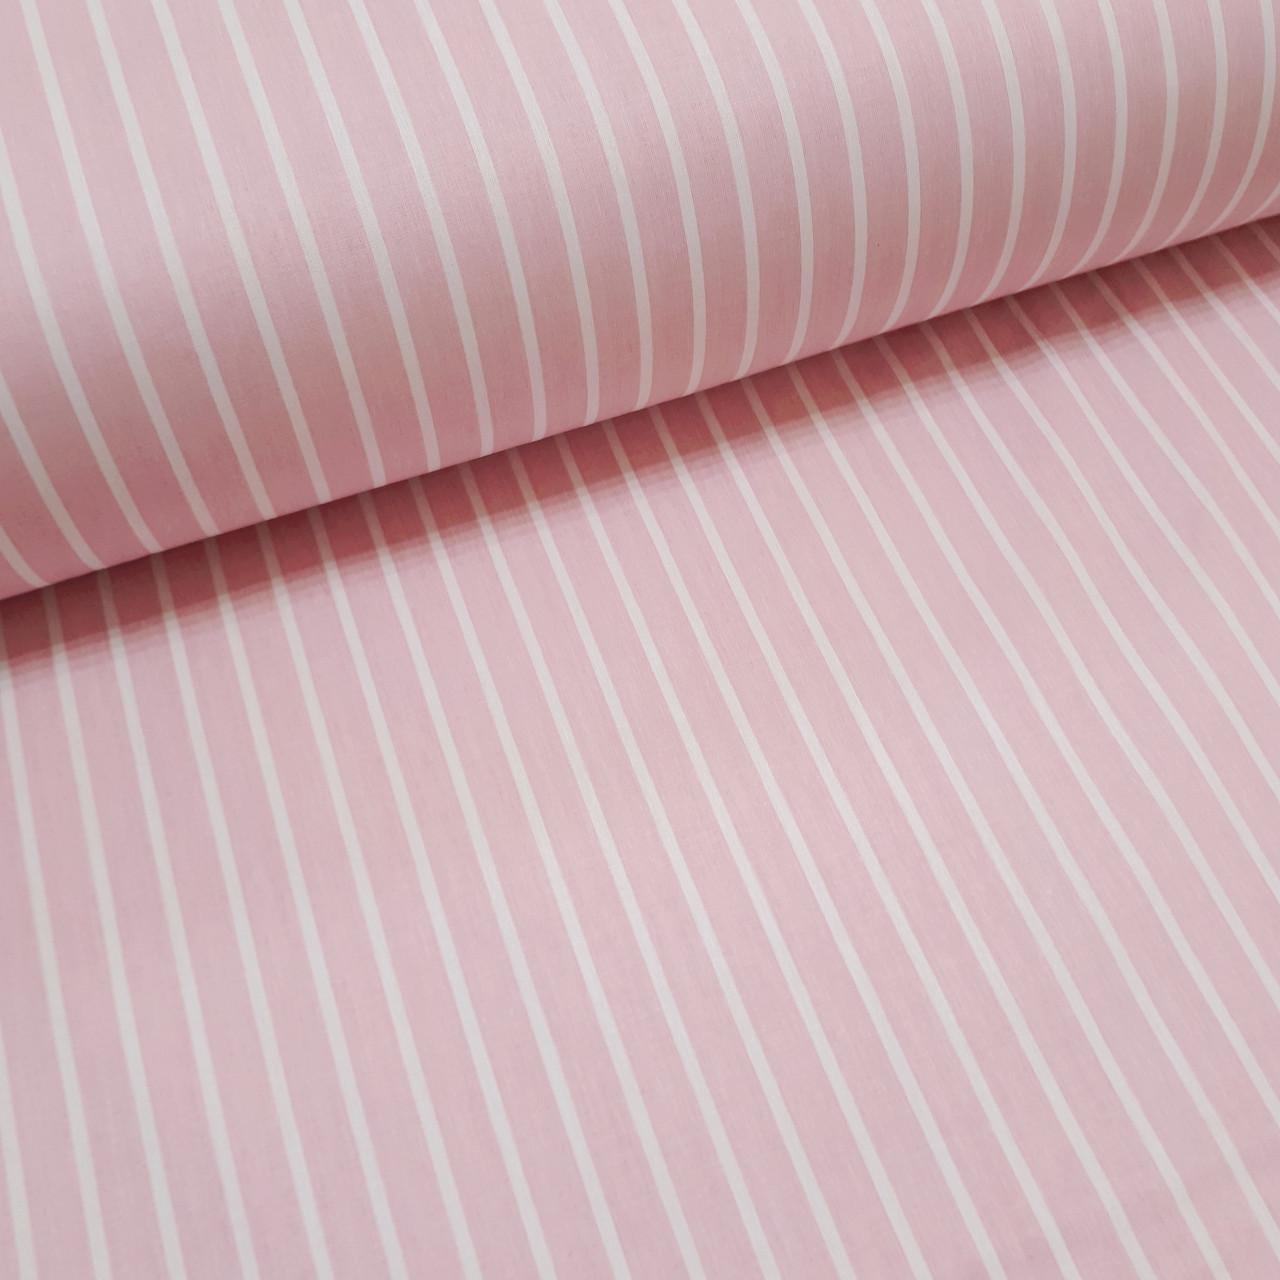 Ткань поплин белая полоска на розовом (ТУРЦИЯ шир. 2,4 м) №32-68 ОТРЕЗ(0,75*2,4м)